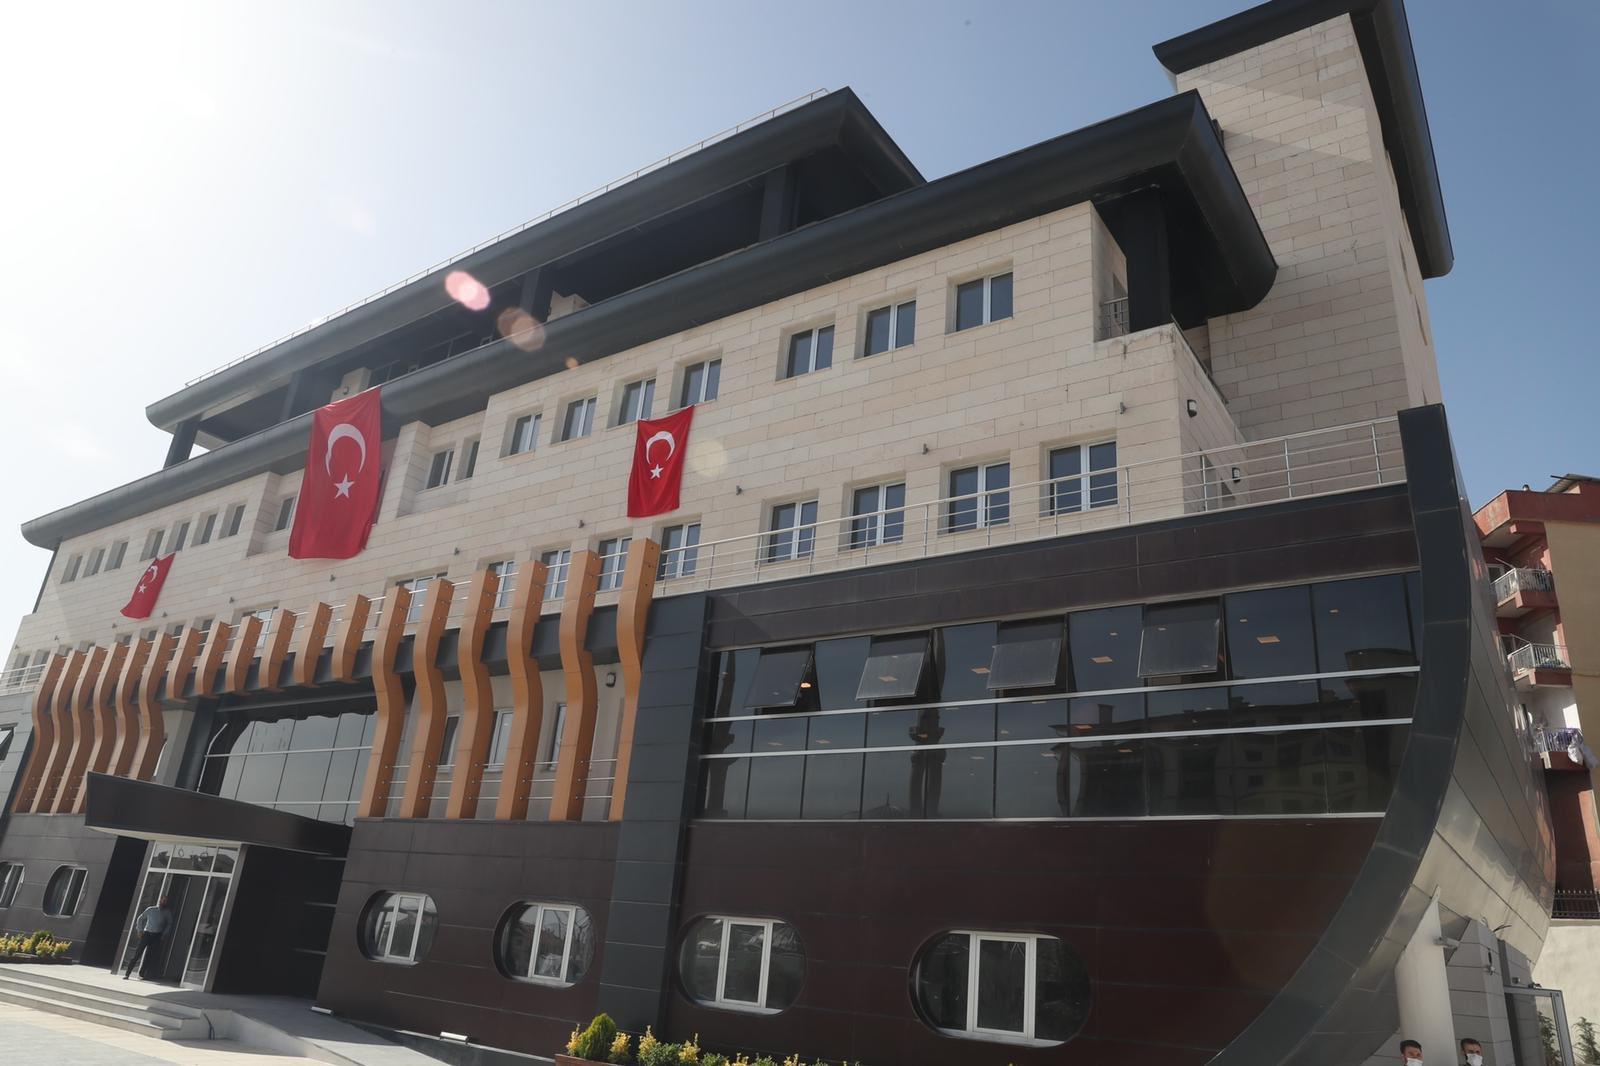 İnşaatı tamamlanan Şırnak Belediye binası Nuh' un Gemisi'ni andıran tarzıyla büyük ilgi topladı